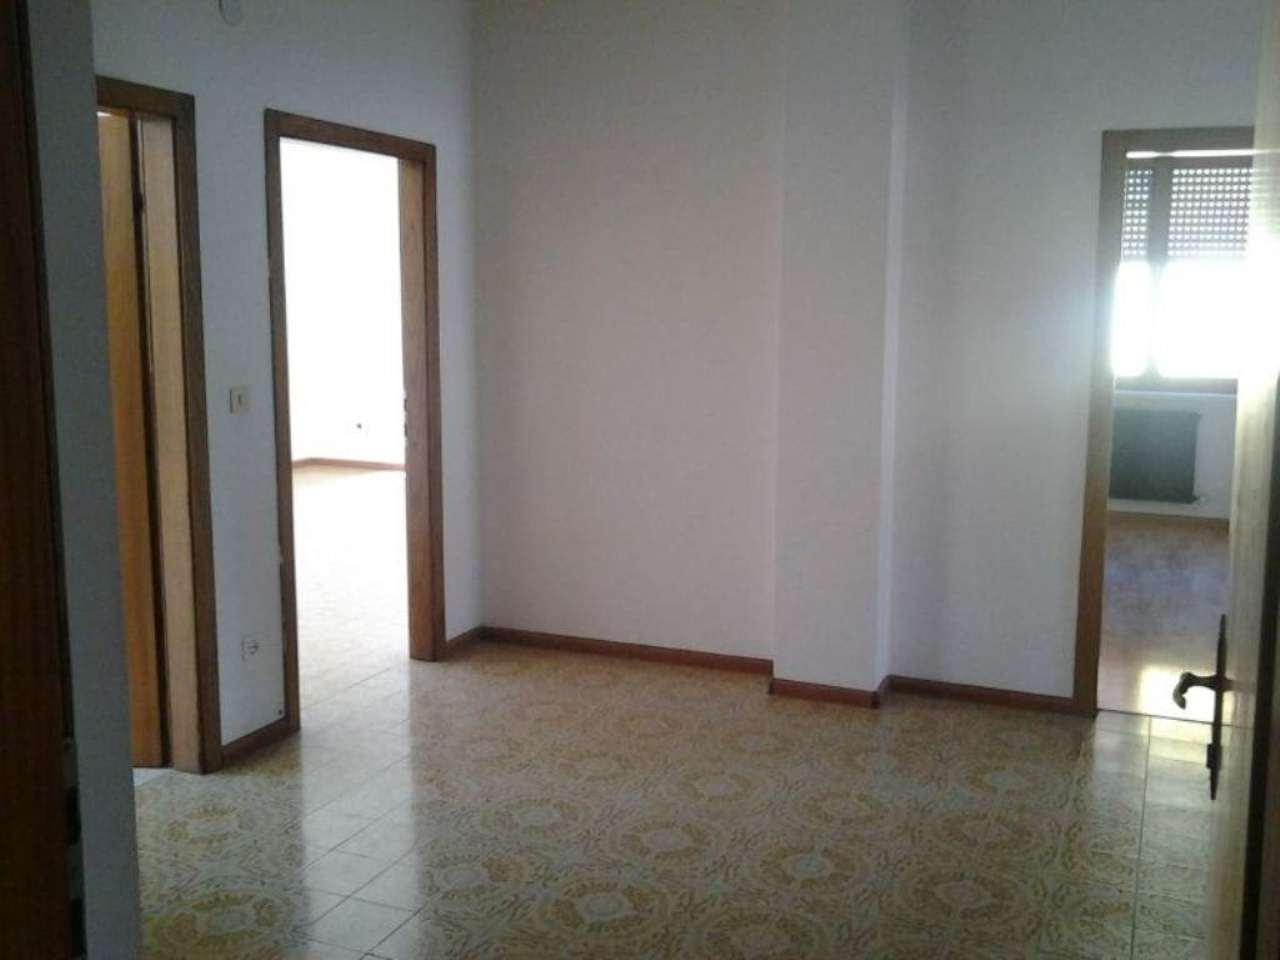 Appartamento in vendita a Cles, 5 locali, Trattative riservate | Cambio Casa.it